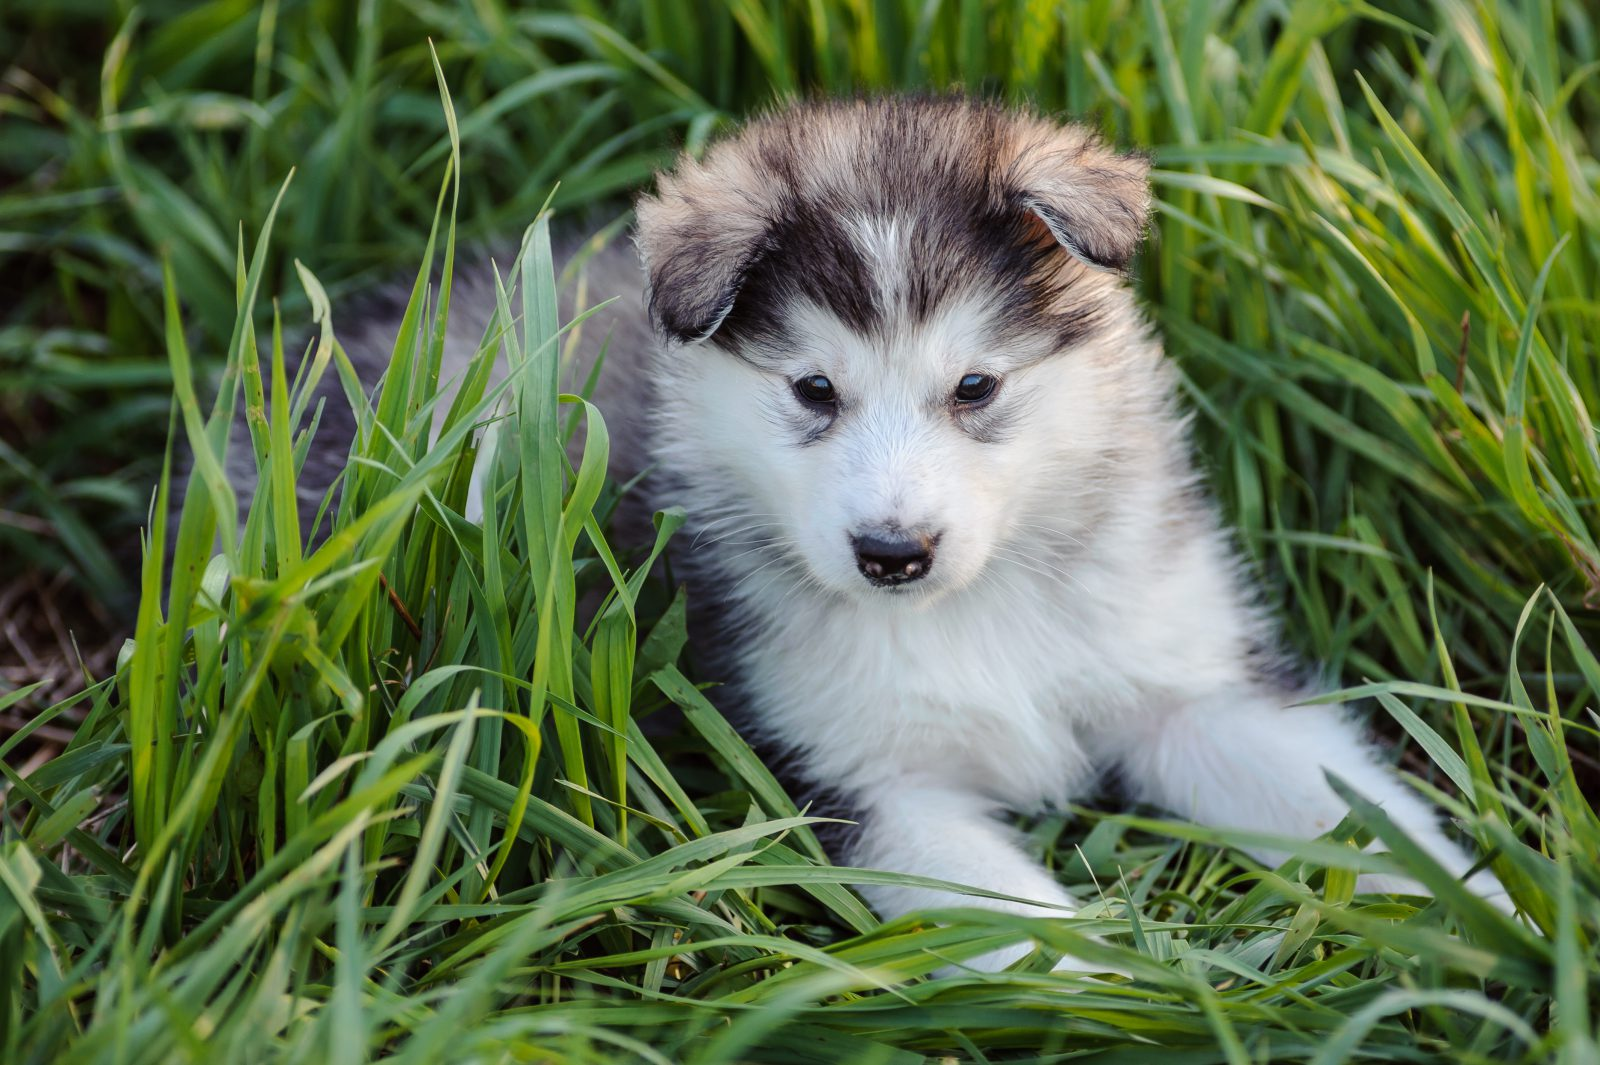 Cachorro latindo: Malamute do Alaska filhote deitado no gramado.